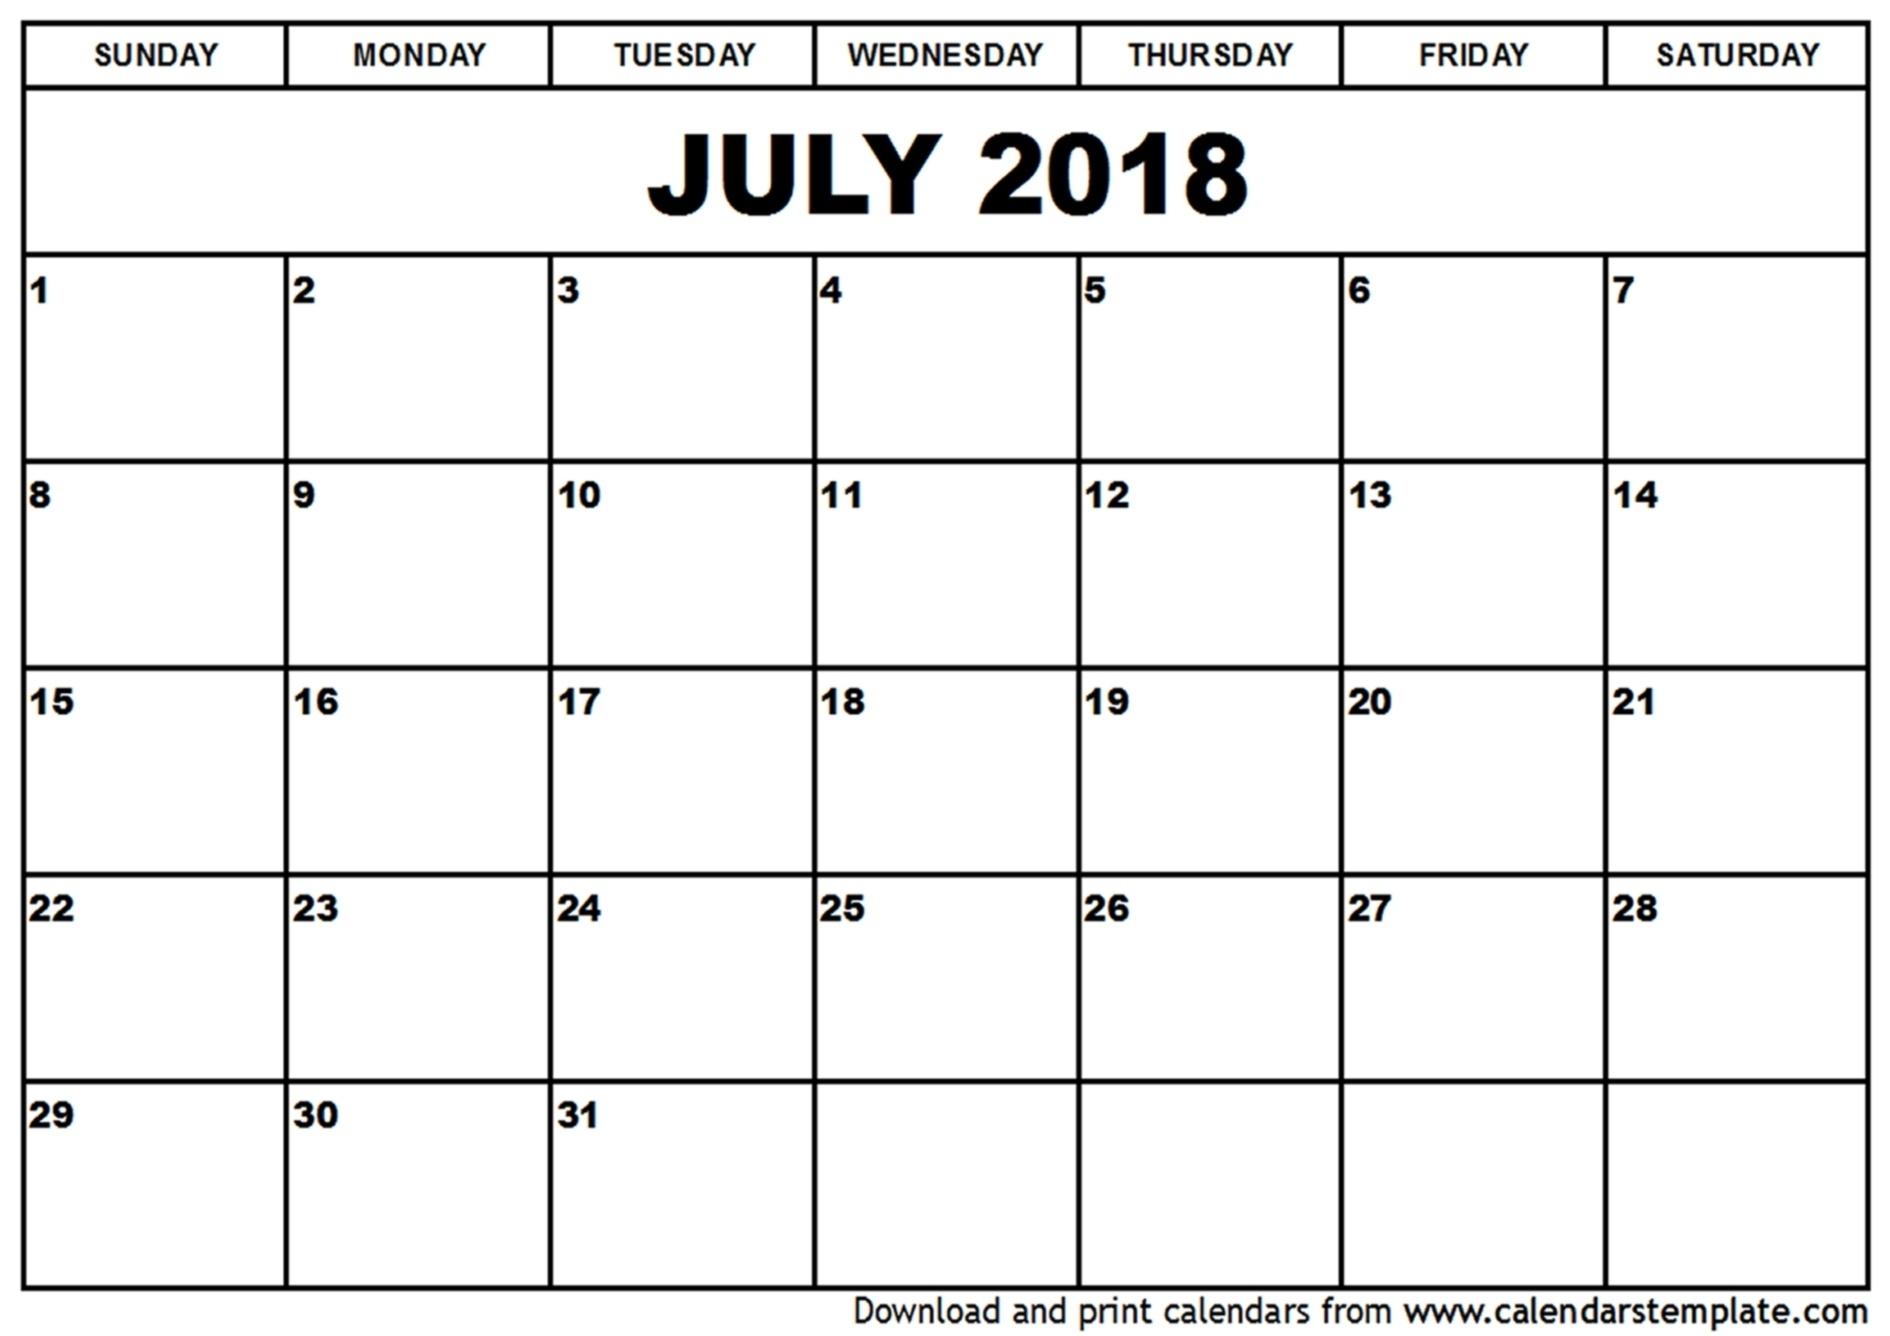 4X6 Blank Monthly Calendar Template | Template Calendar Printable within Free Monthly Calendar Templates 4X6